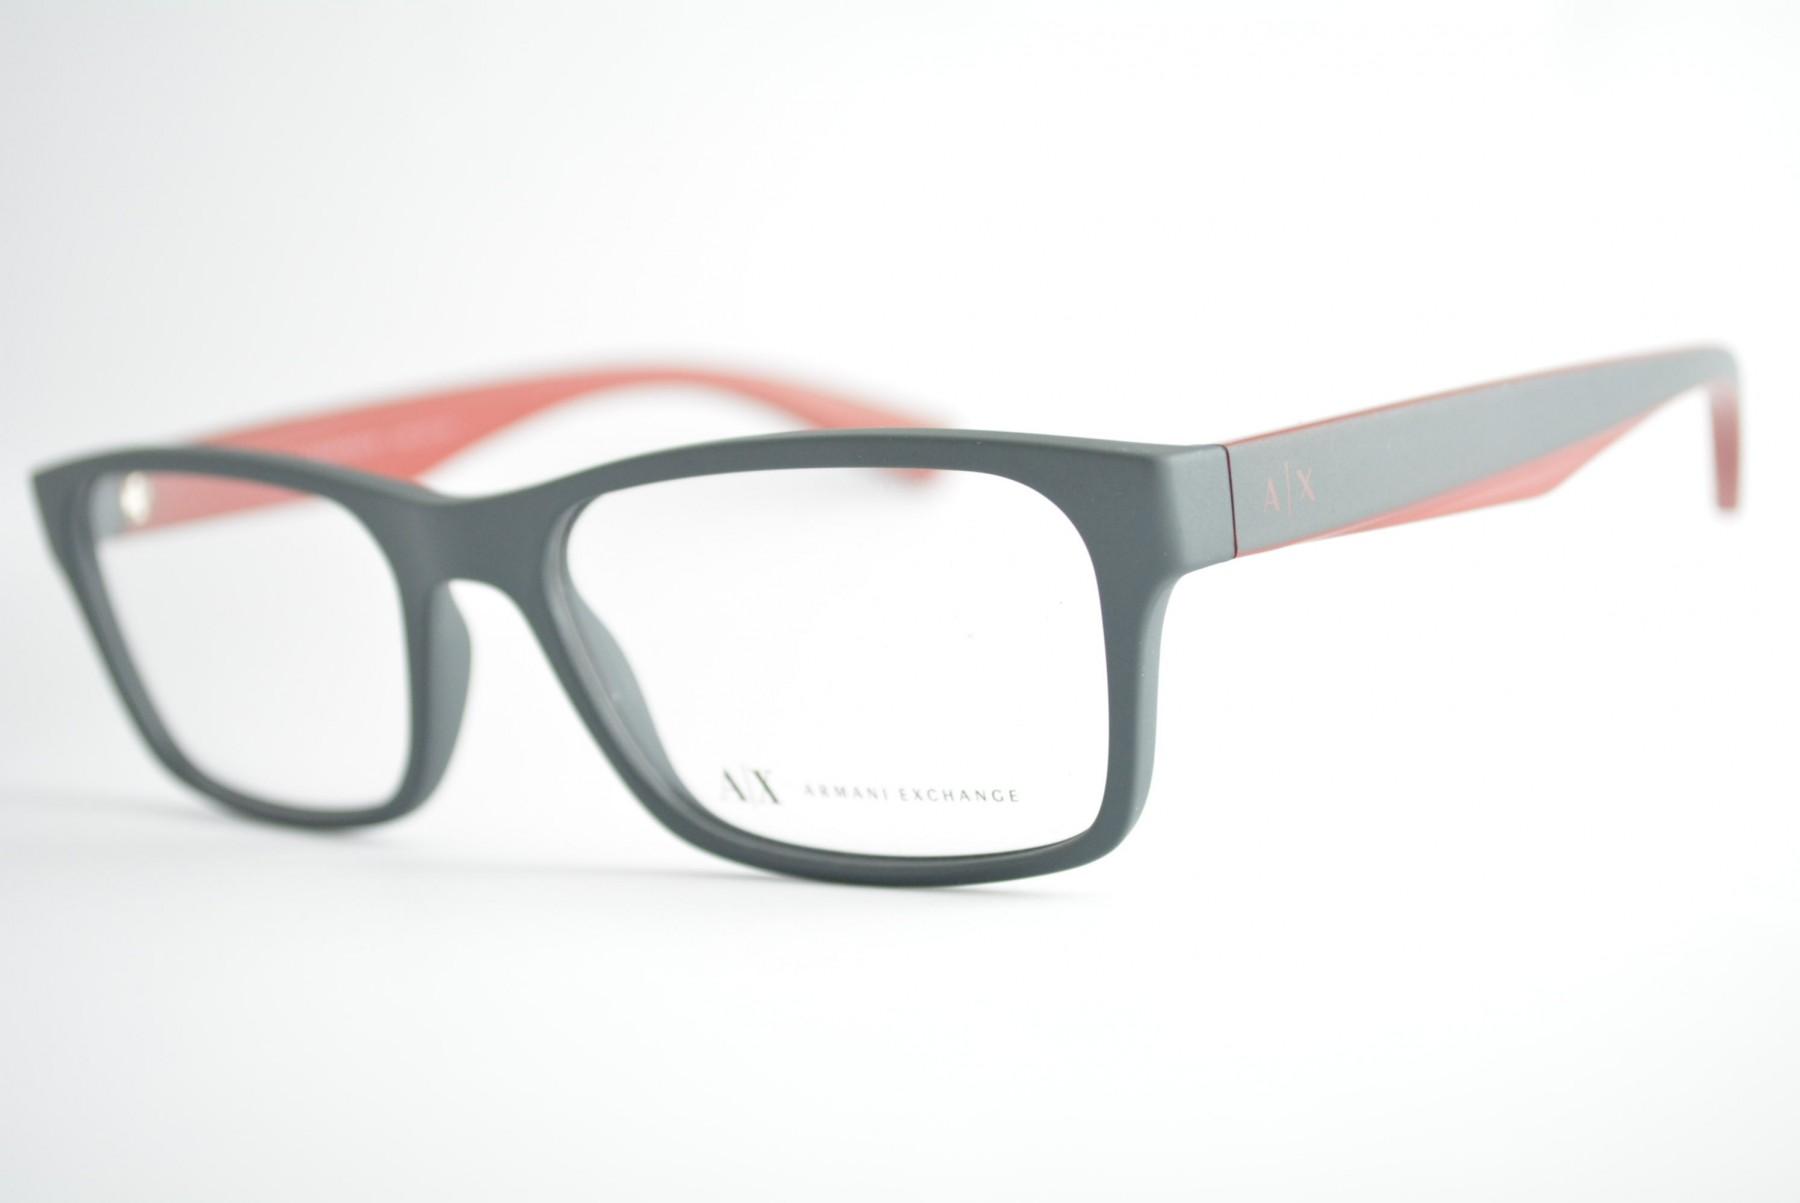 armação de óculos Armani Exchange mod ax3038L 8200. Código  ax3038L 8200 2f8042deb0